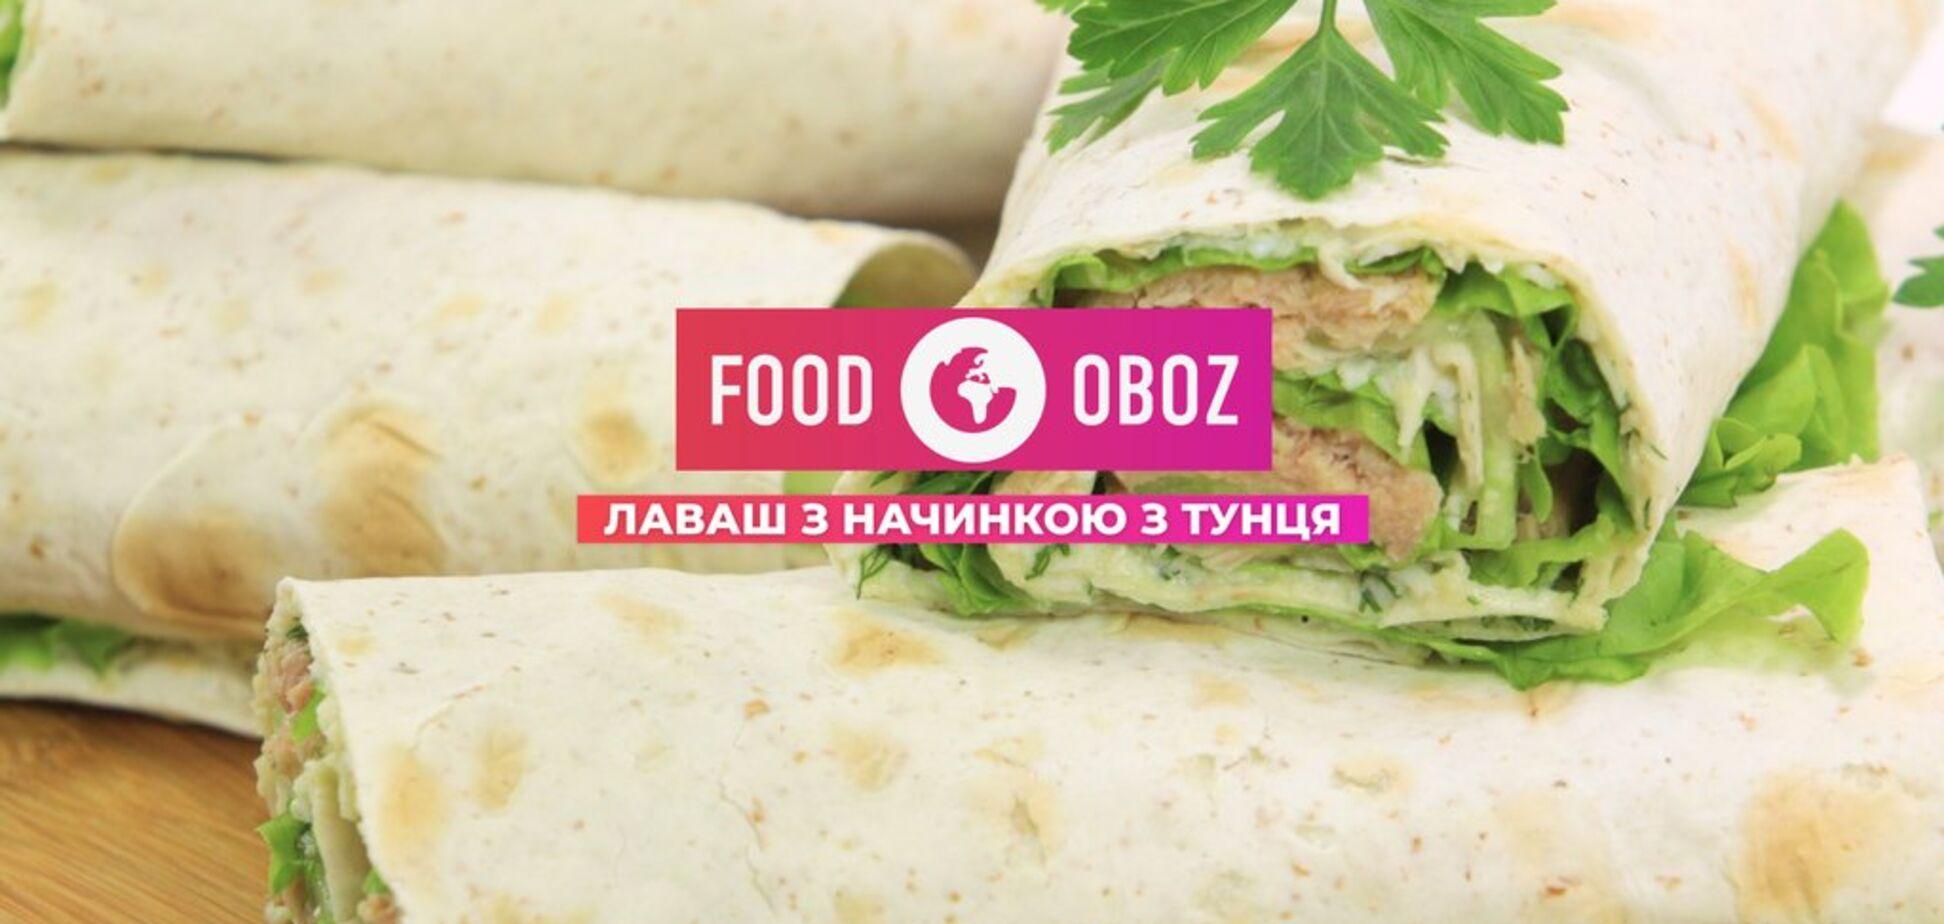 FOODOBOZ | Лаваш з начинкою з тунця